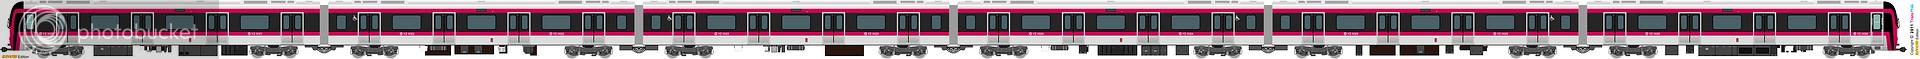 [5305] 北京市地鉄 2305